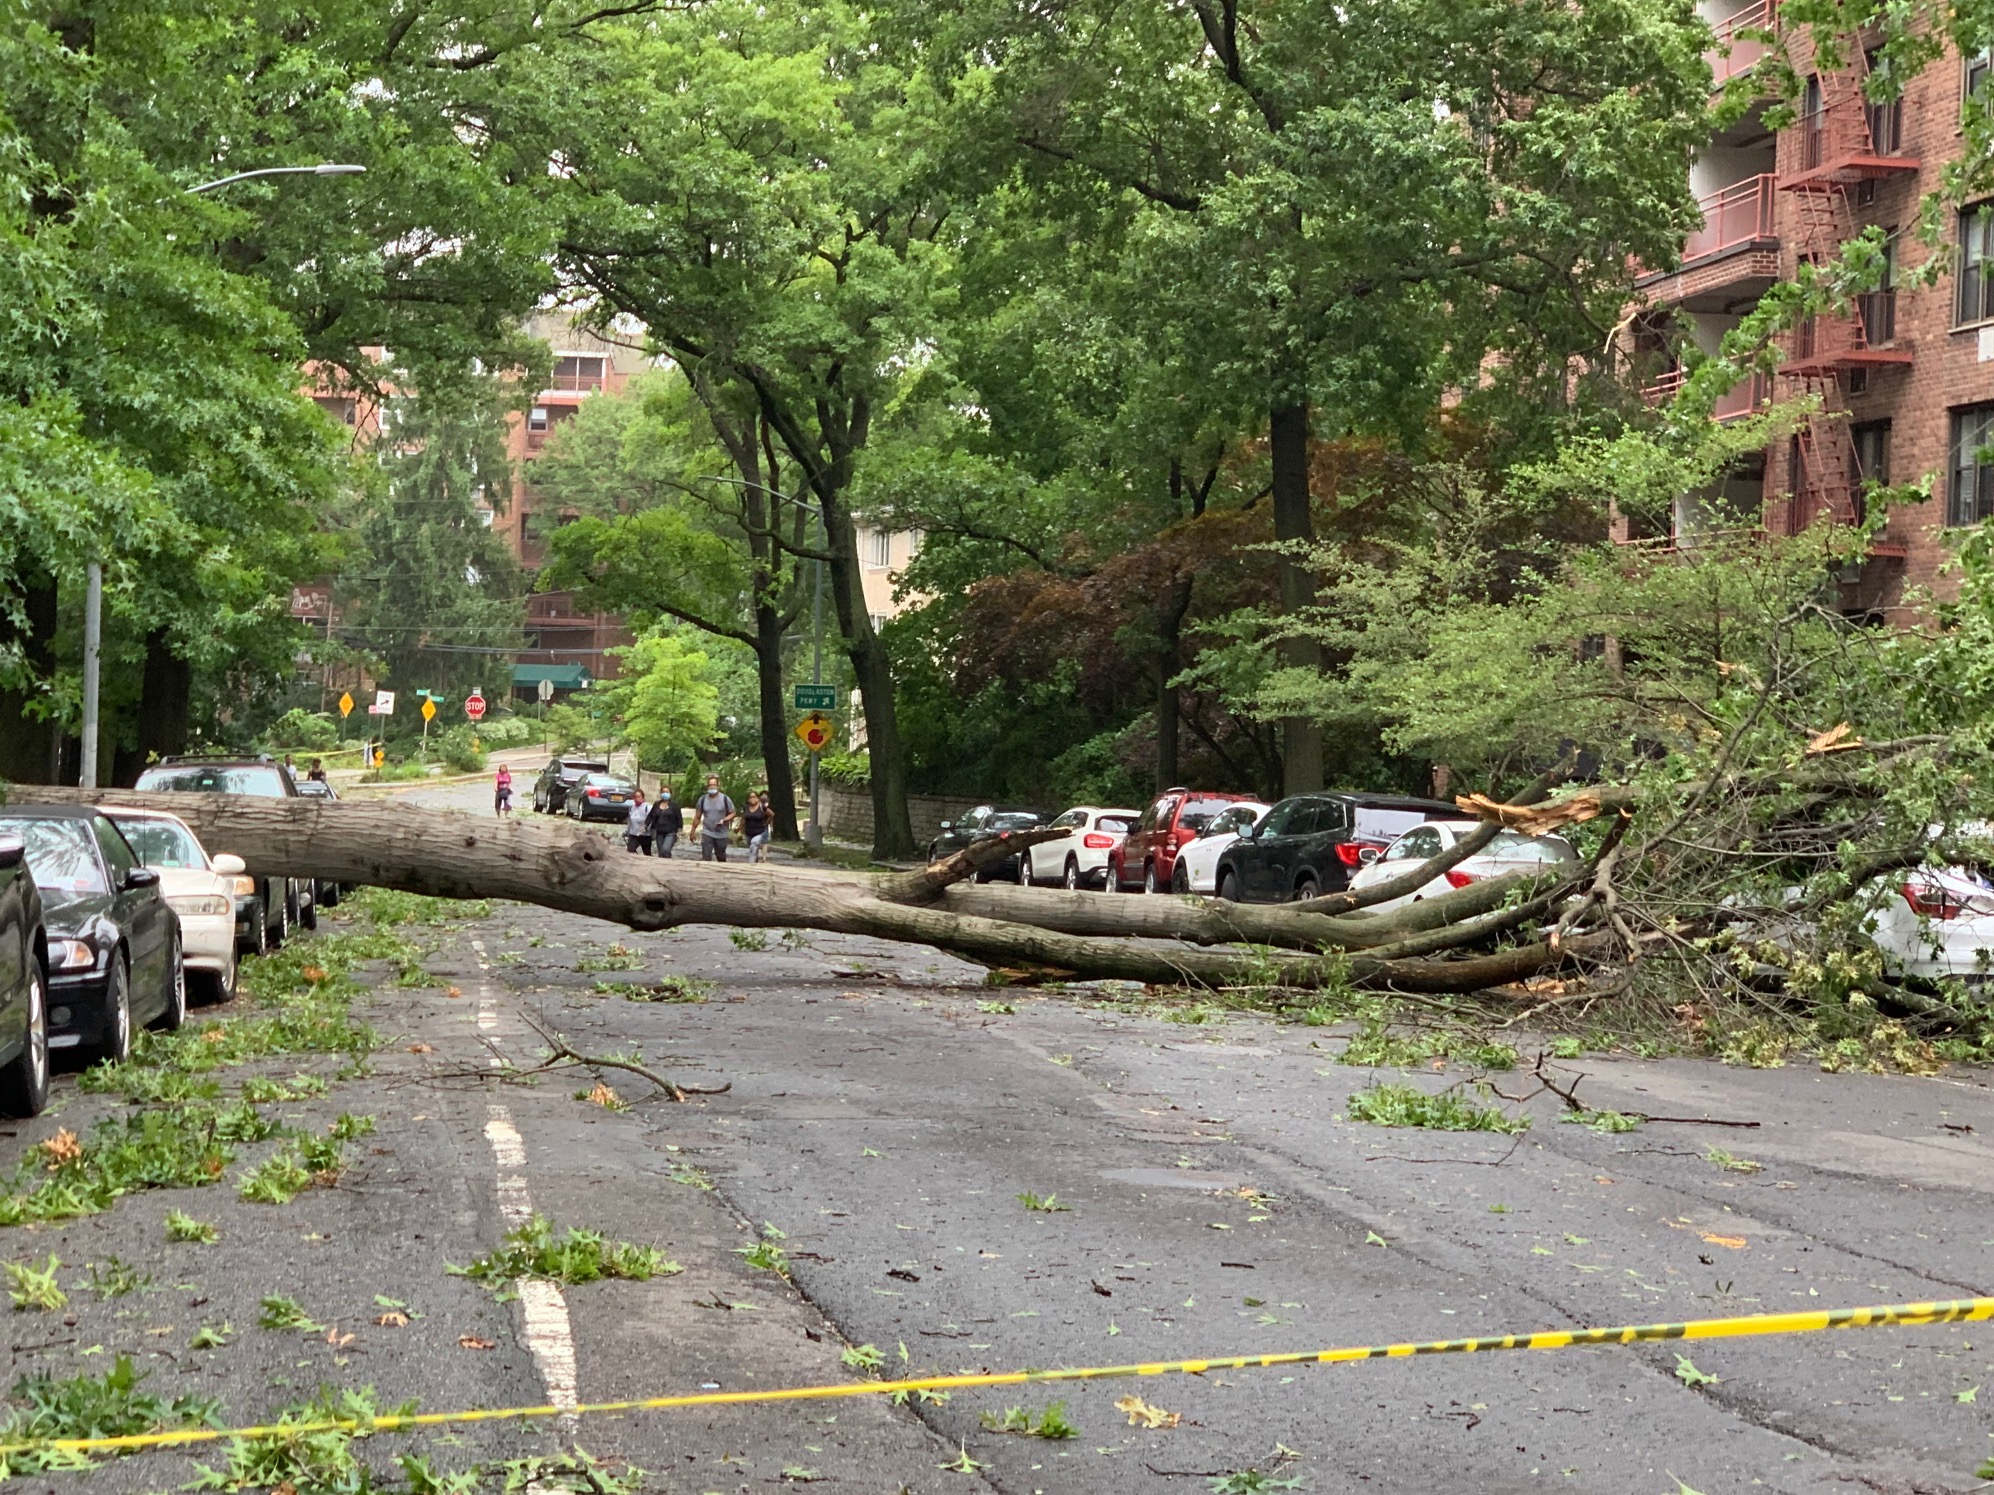 熱帶風暴將大樹颳倒,這樣的場景在紐約市和長島隨處可見。(記者曹健╱攝影)